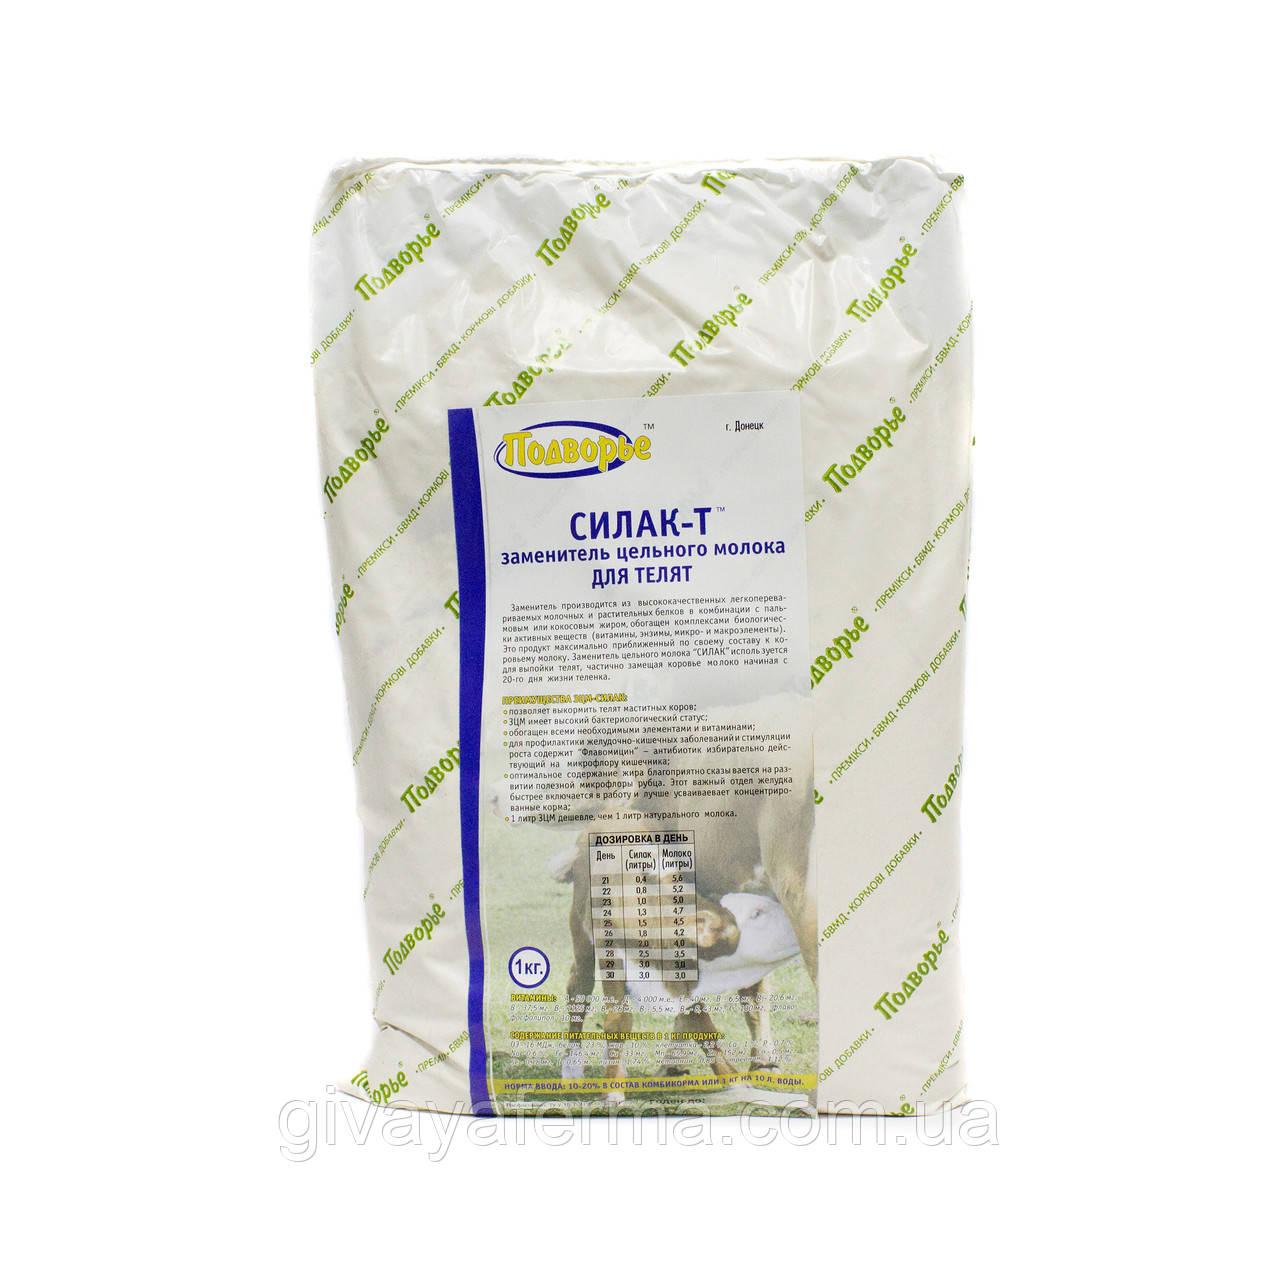 Заменитель цельного молока (СИЛАК Т) 1 кг, для телят-молочников, зцм